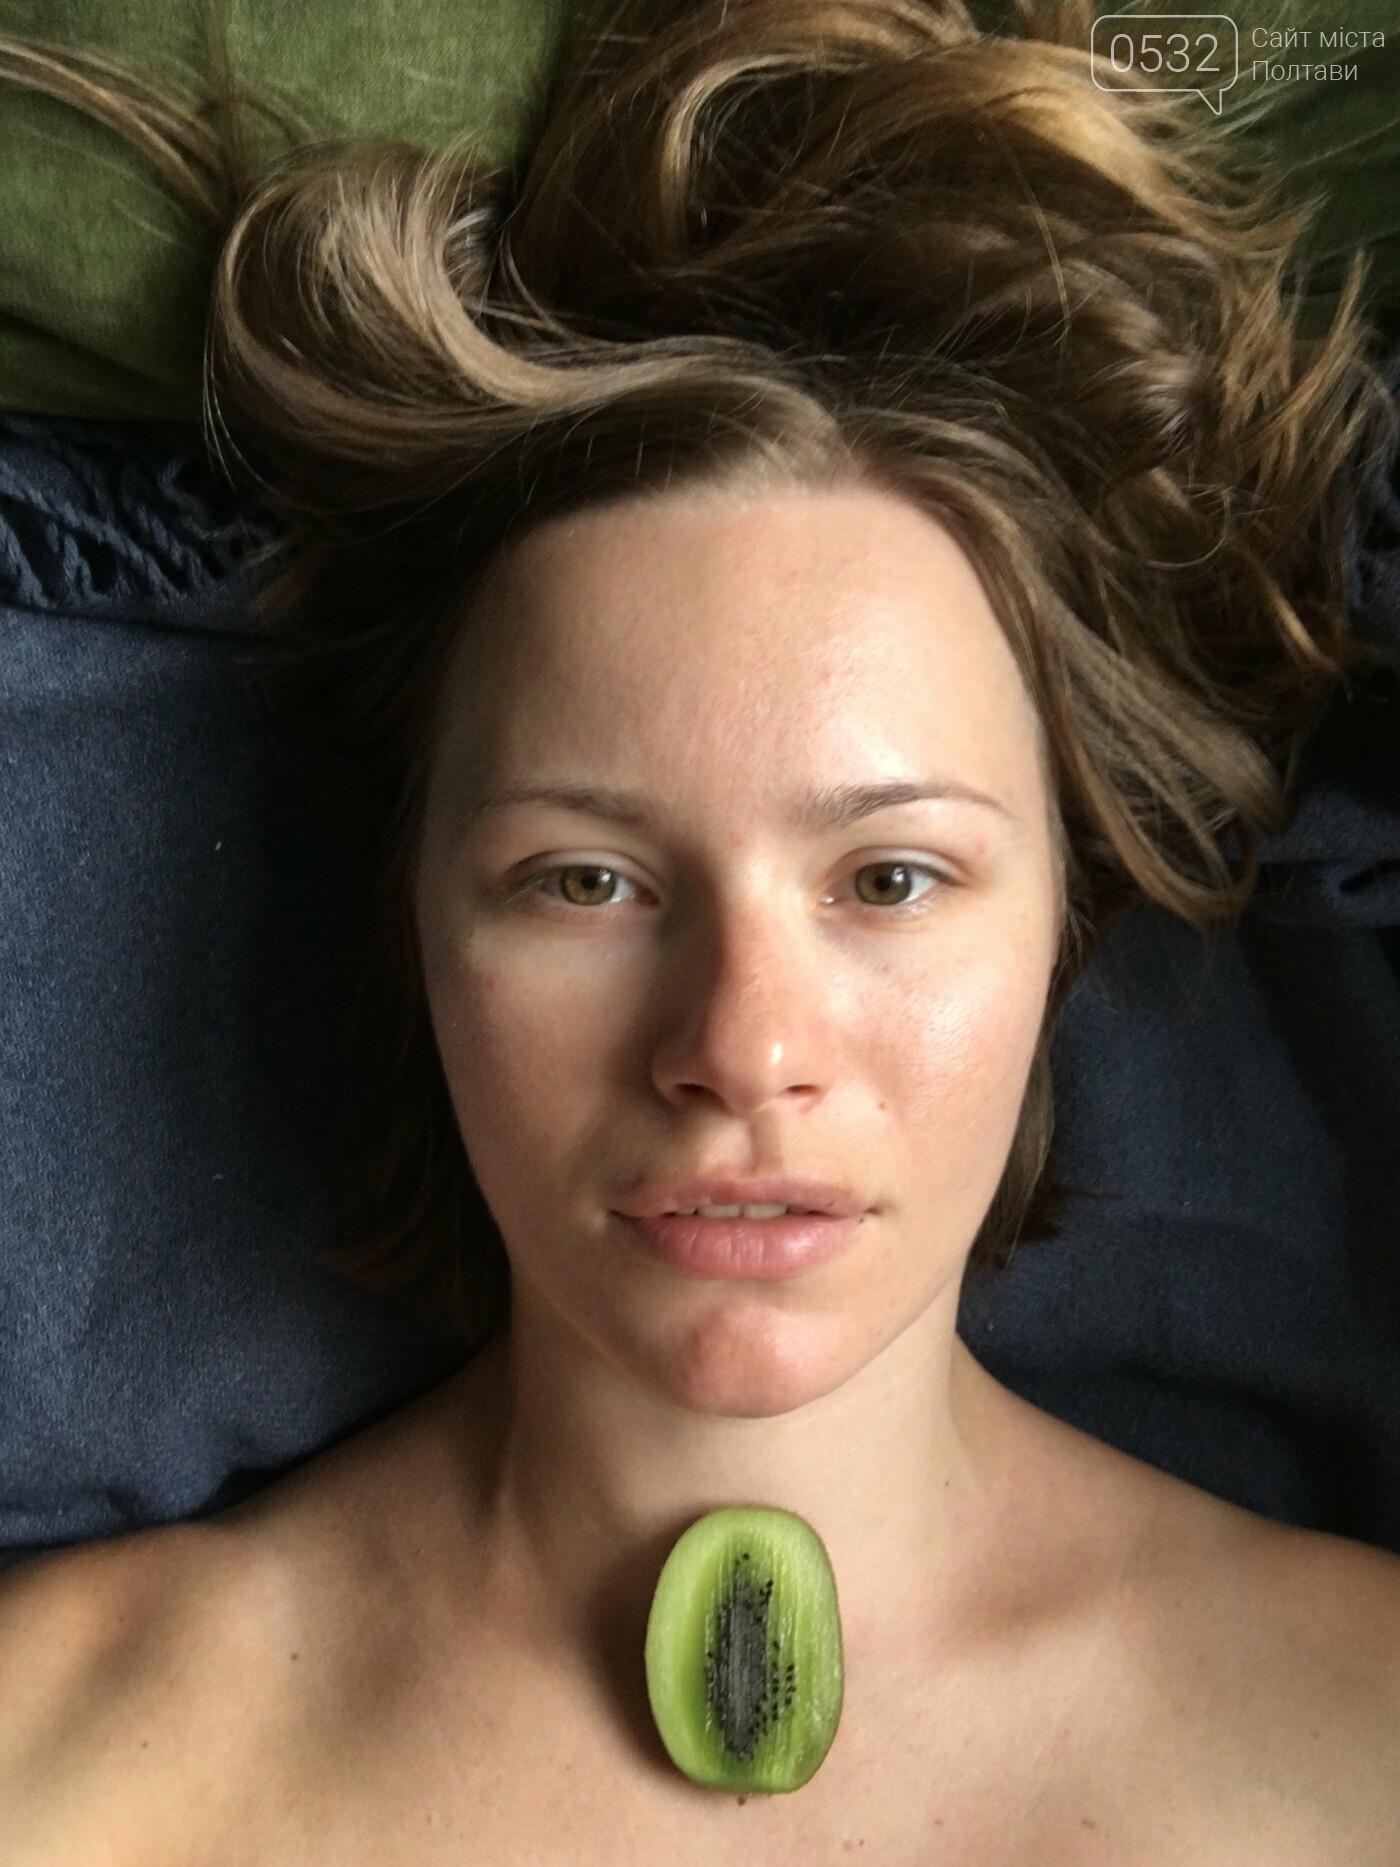 """«Україна під моєю шкірою"""", - полтавська художниця вражає незвичним мистецьким проектом (ФОТО), фото-4"""